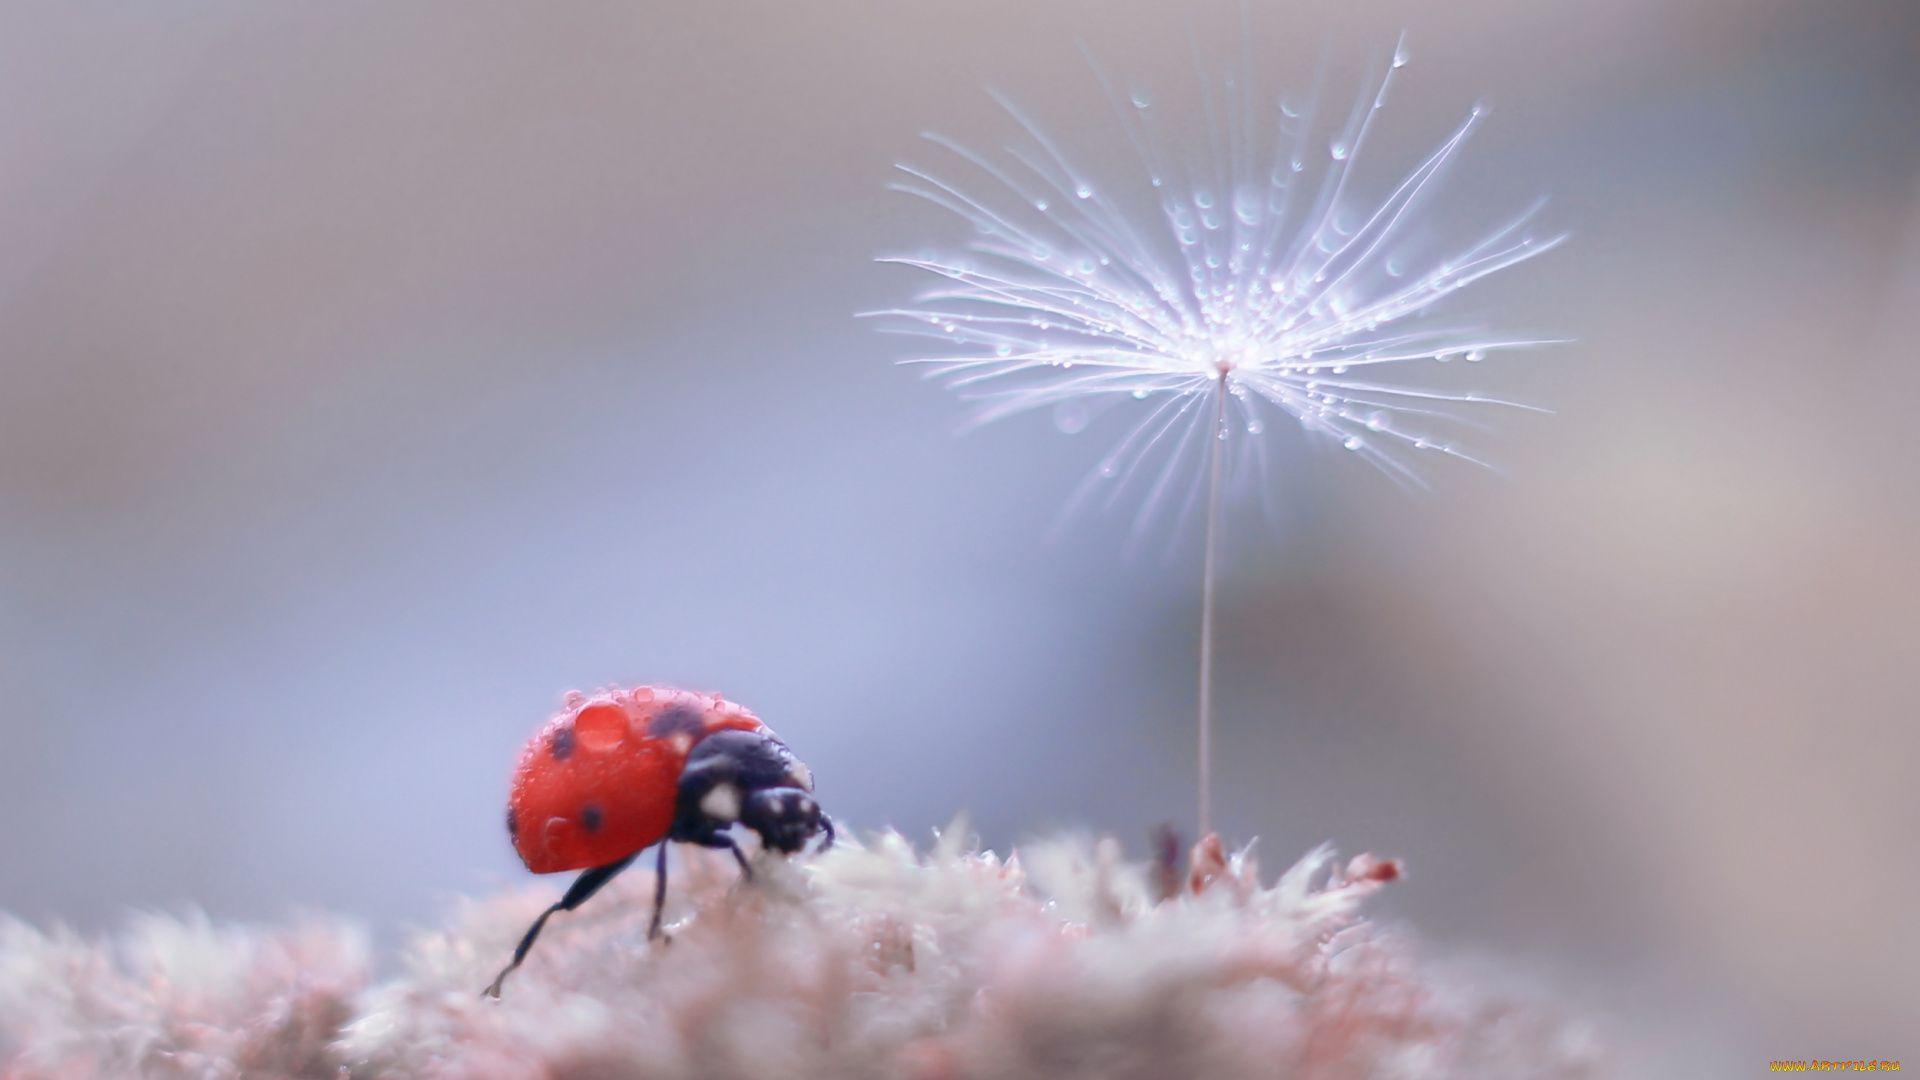 Ladybug On Dandelion Macro Photography